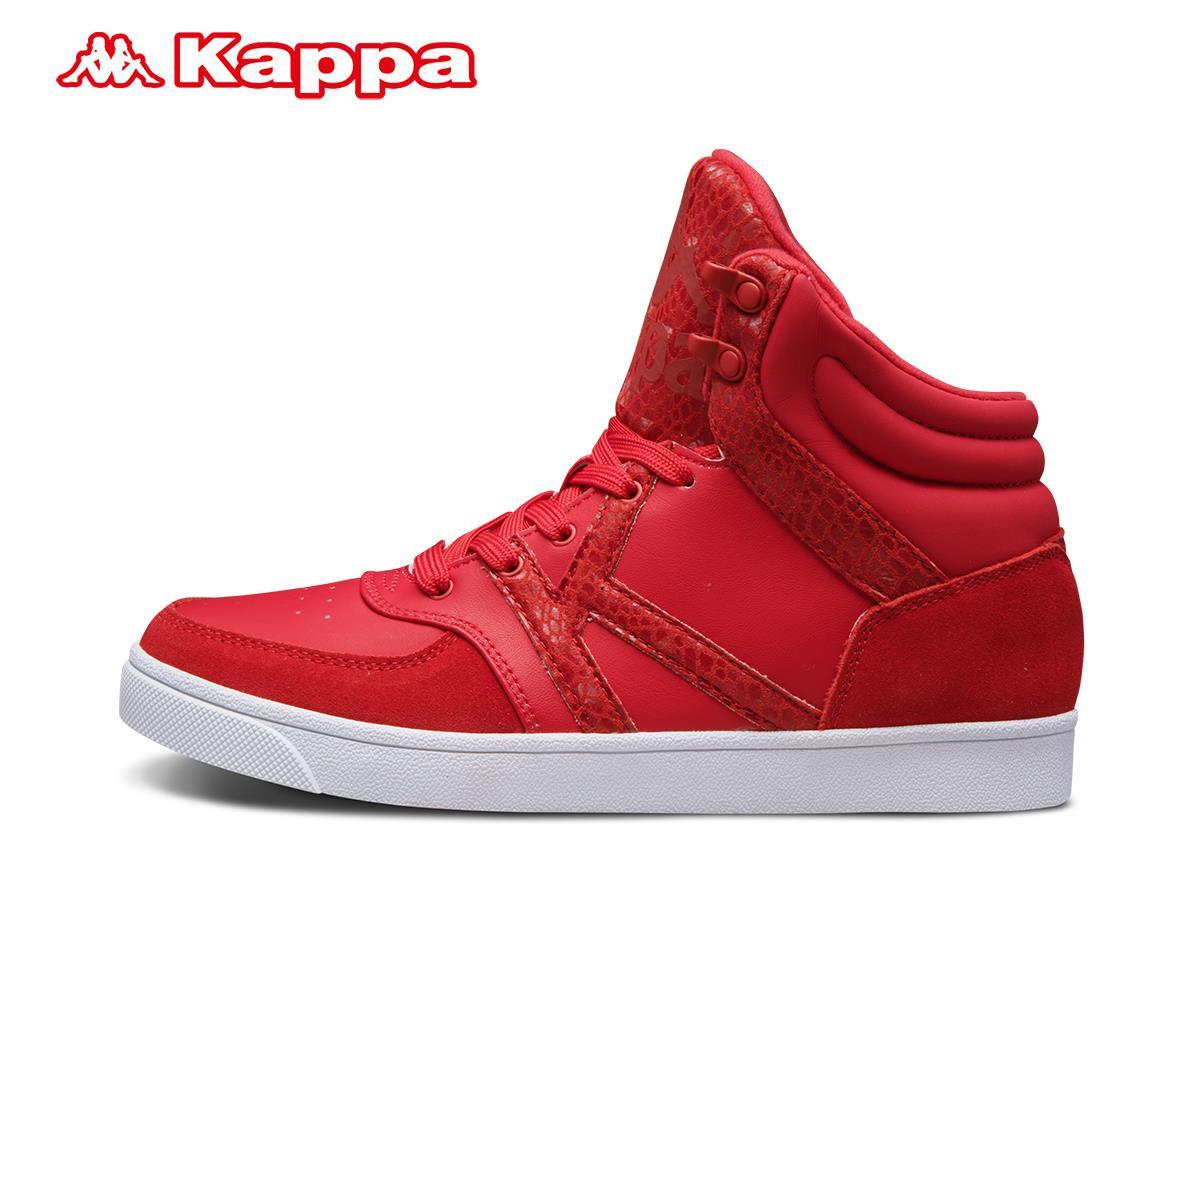 Kappa卡帕女子運動板鞋 休閑鞋 運動鞋女 |K0765CC22